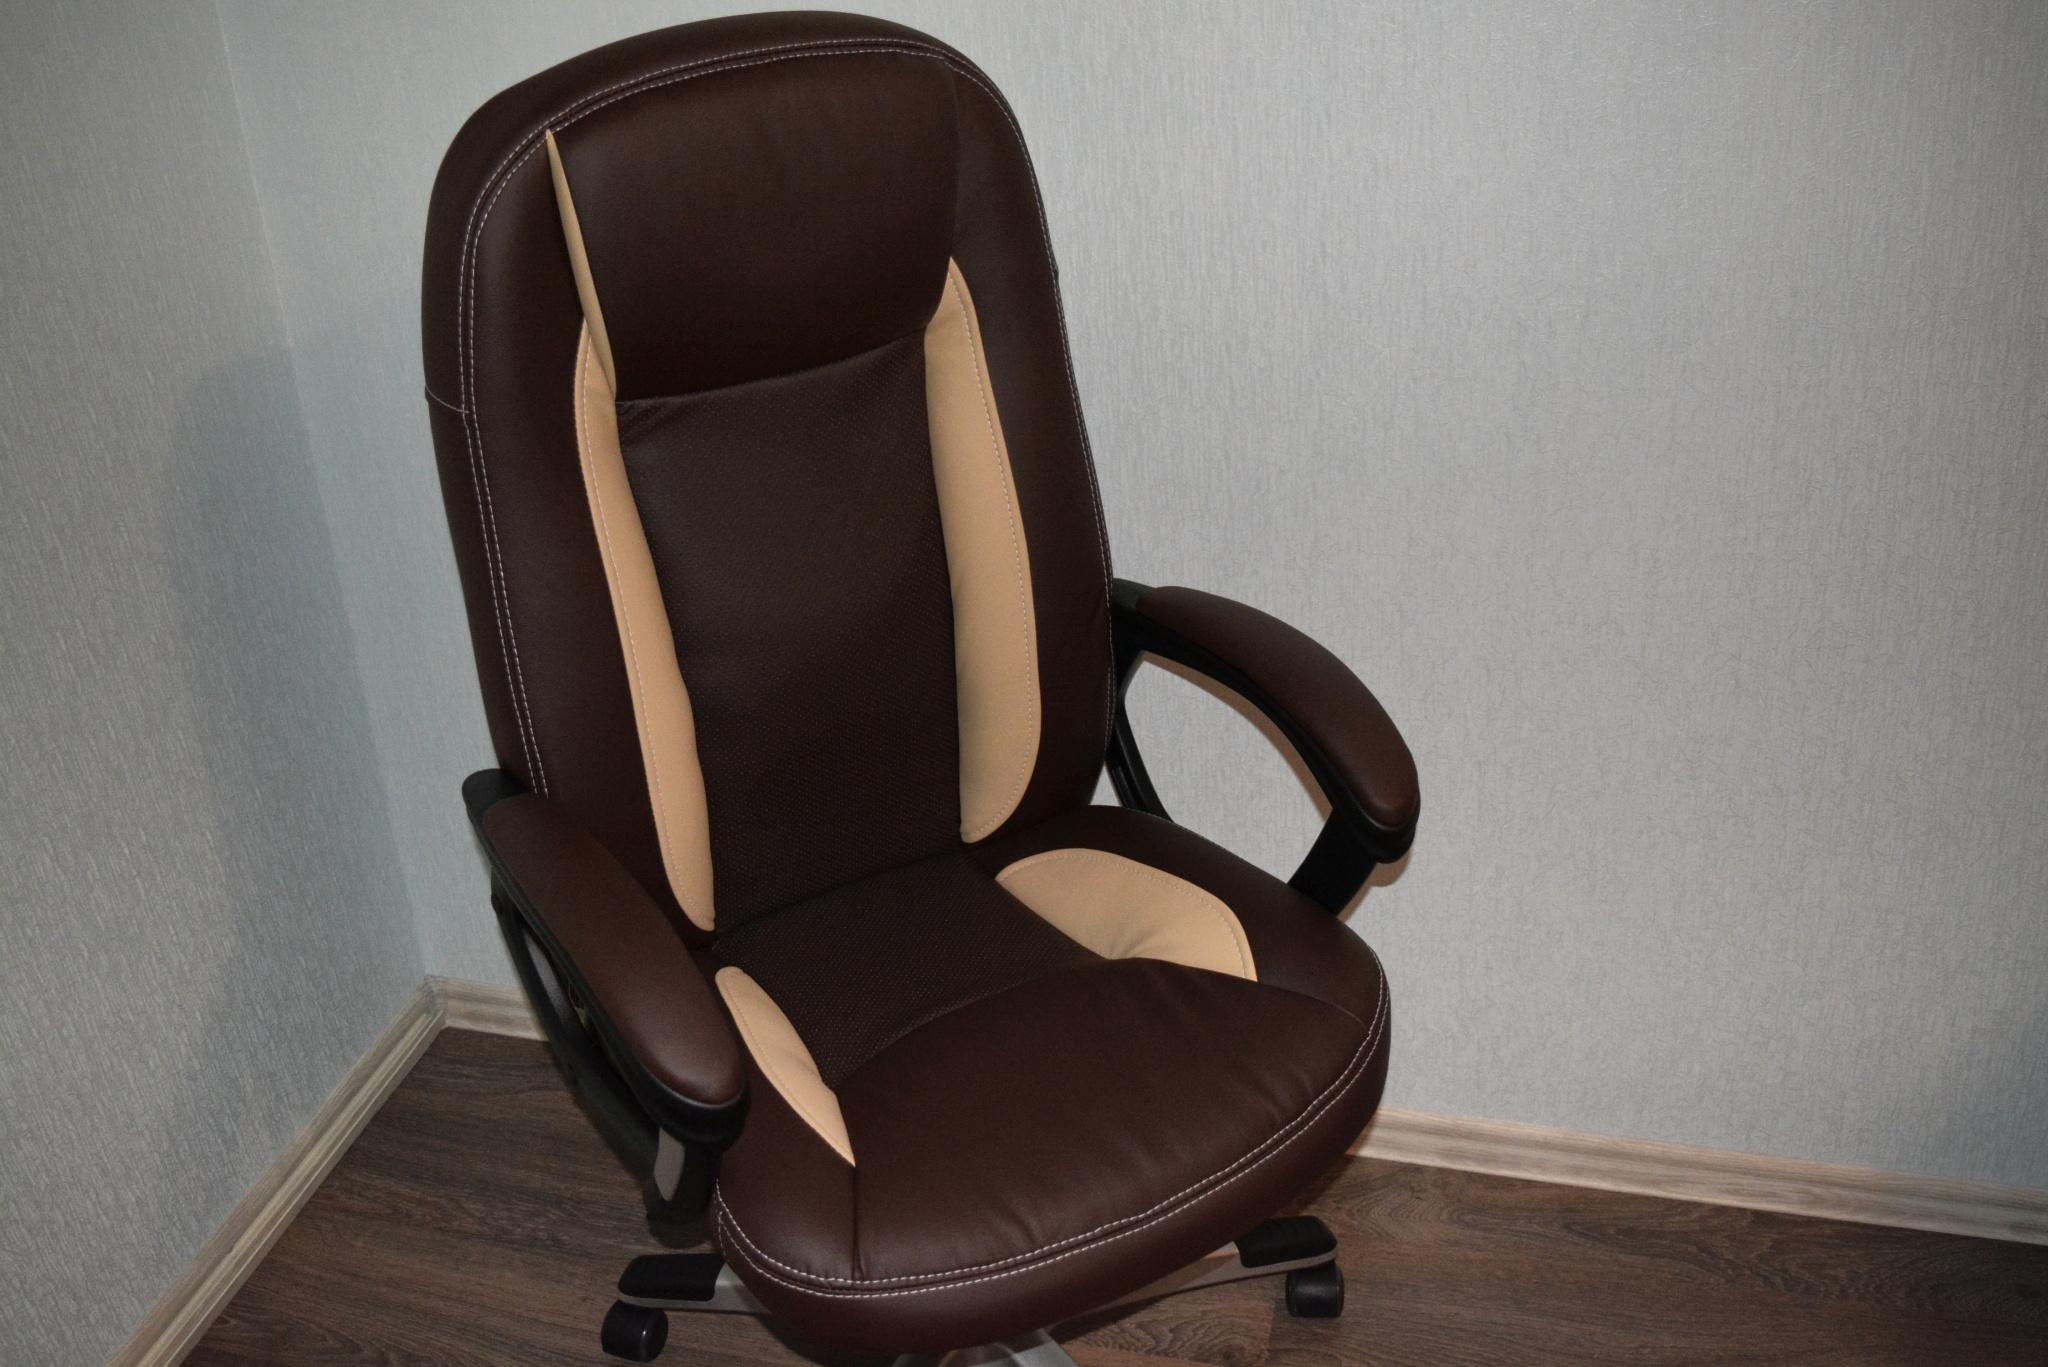 трется о кресло онлайн